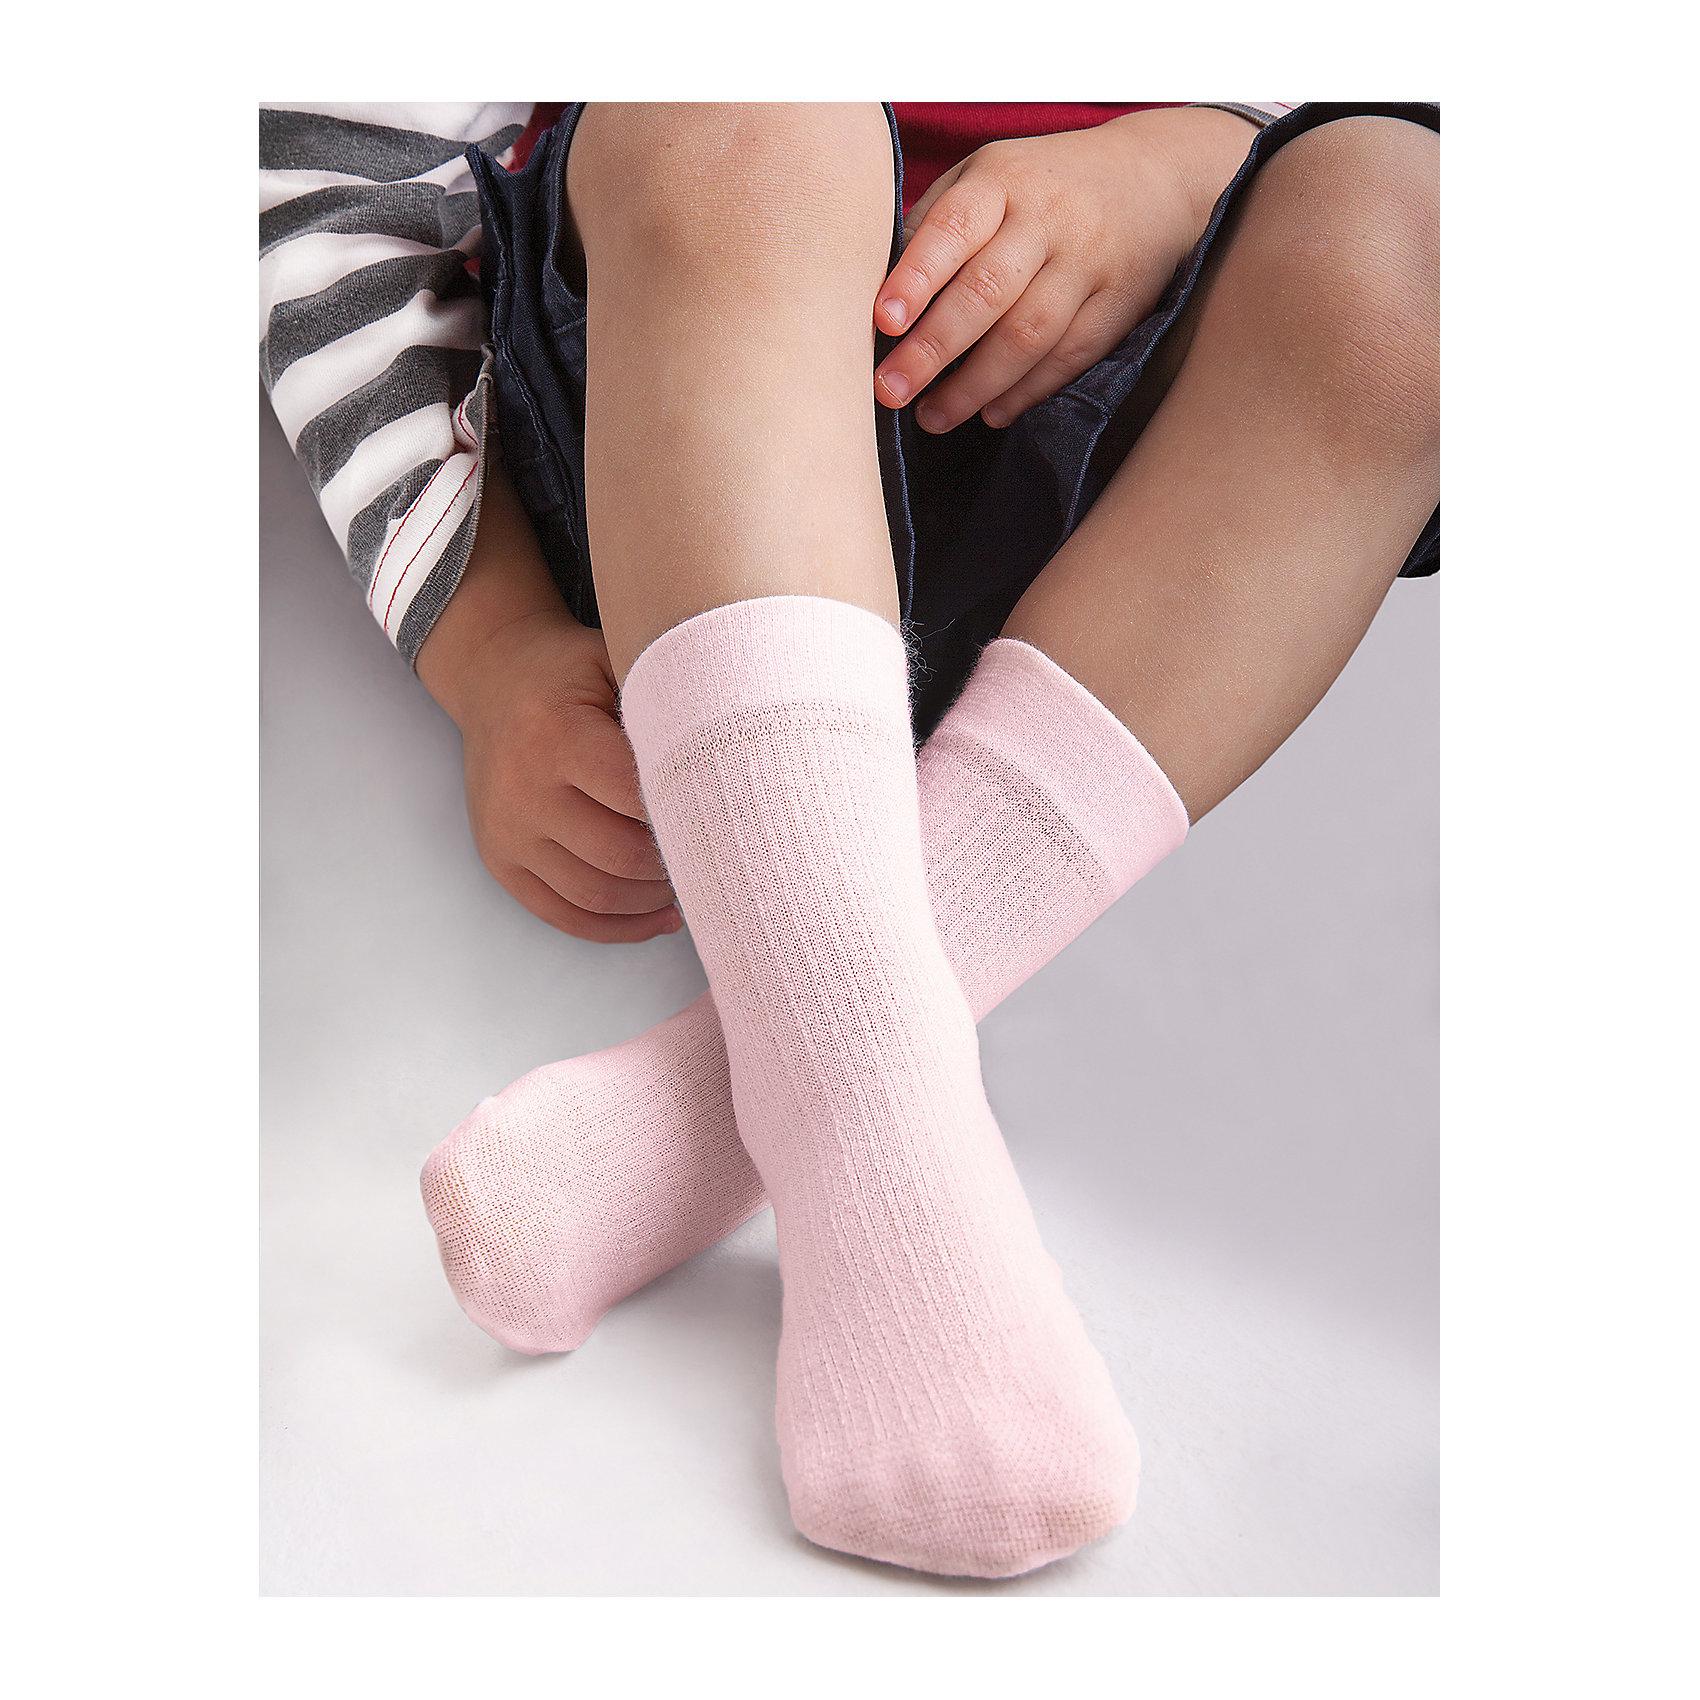 Носки для девочки KnittexНоски<br>Носки для девочки Knittex<br>Вискозные однотонные носки с продольным рельефным рисунком в виде мелкого рубчика. Плотные, мягкие и приятные на ощупь. Широкая резинка, не сдавливающая ногу. <br>Состав:<br>вискоза 65%,                                  полиамид 31%, эластан 4%<br><br>Ширина мм: 87<br>Глубина мм: 10<br>Высота мм: 105<br>Вес г: 115<br>Цвет: розовый<br>Возраст от месяцев: 12<br>Возраст до месяцев: 18<br>Пол: Женский<br>Возраст: Детский<br>Размер: 15-17,18-20<br>SKU: 6837357